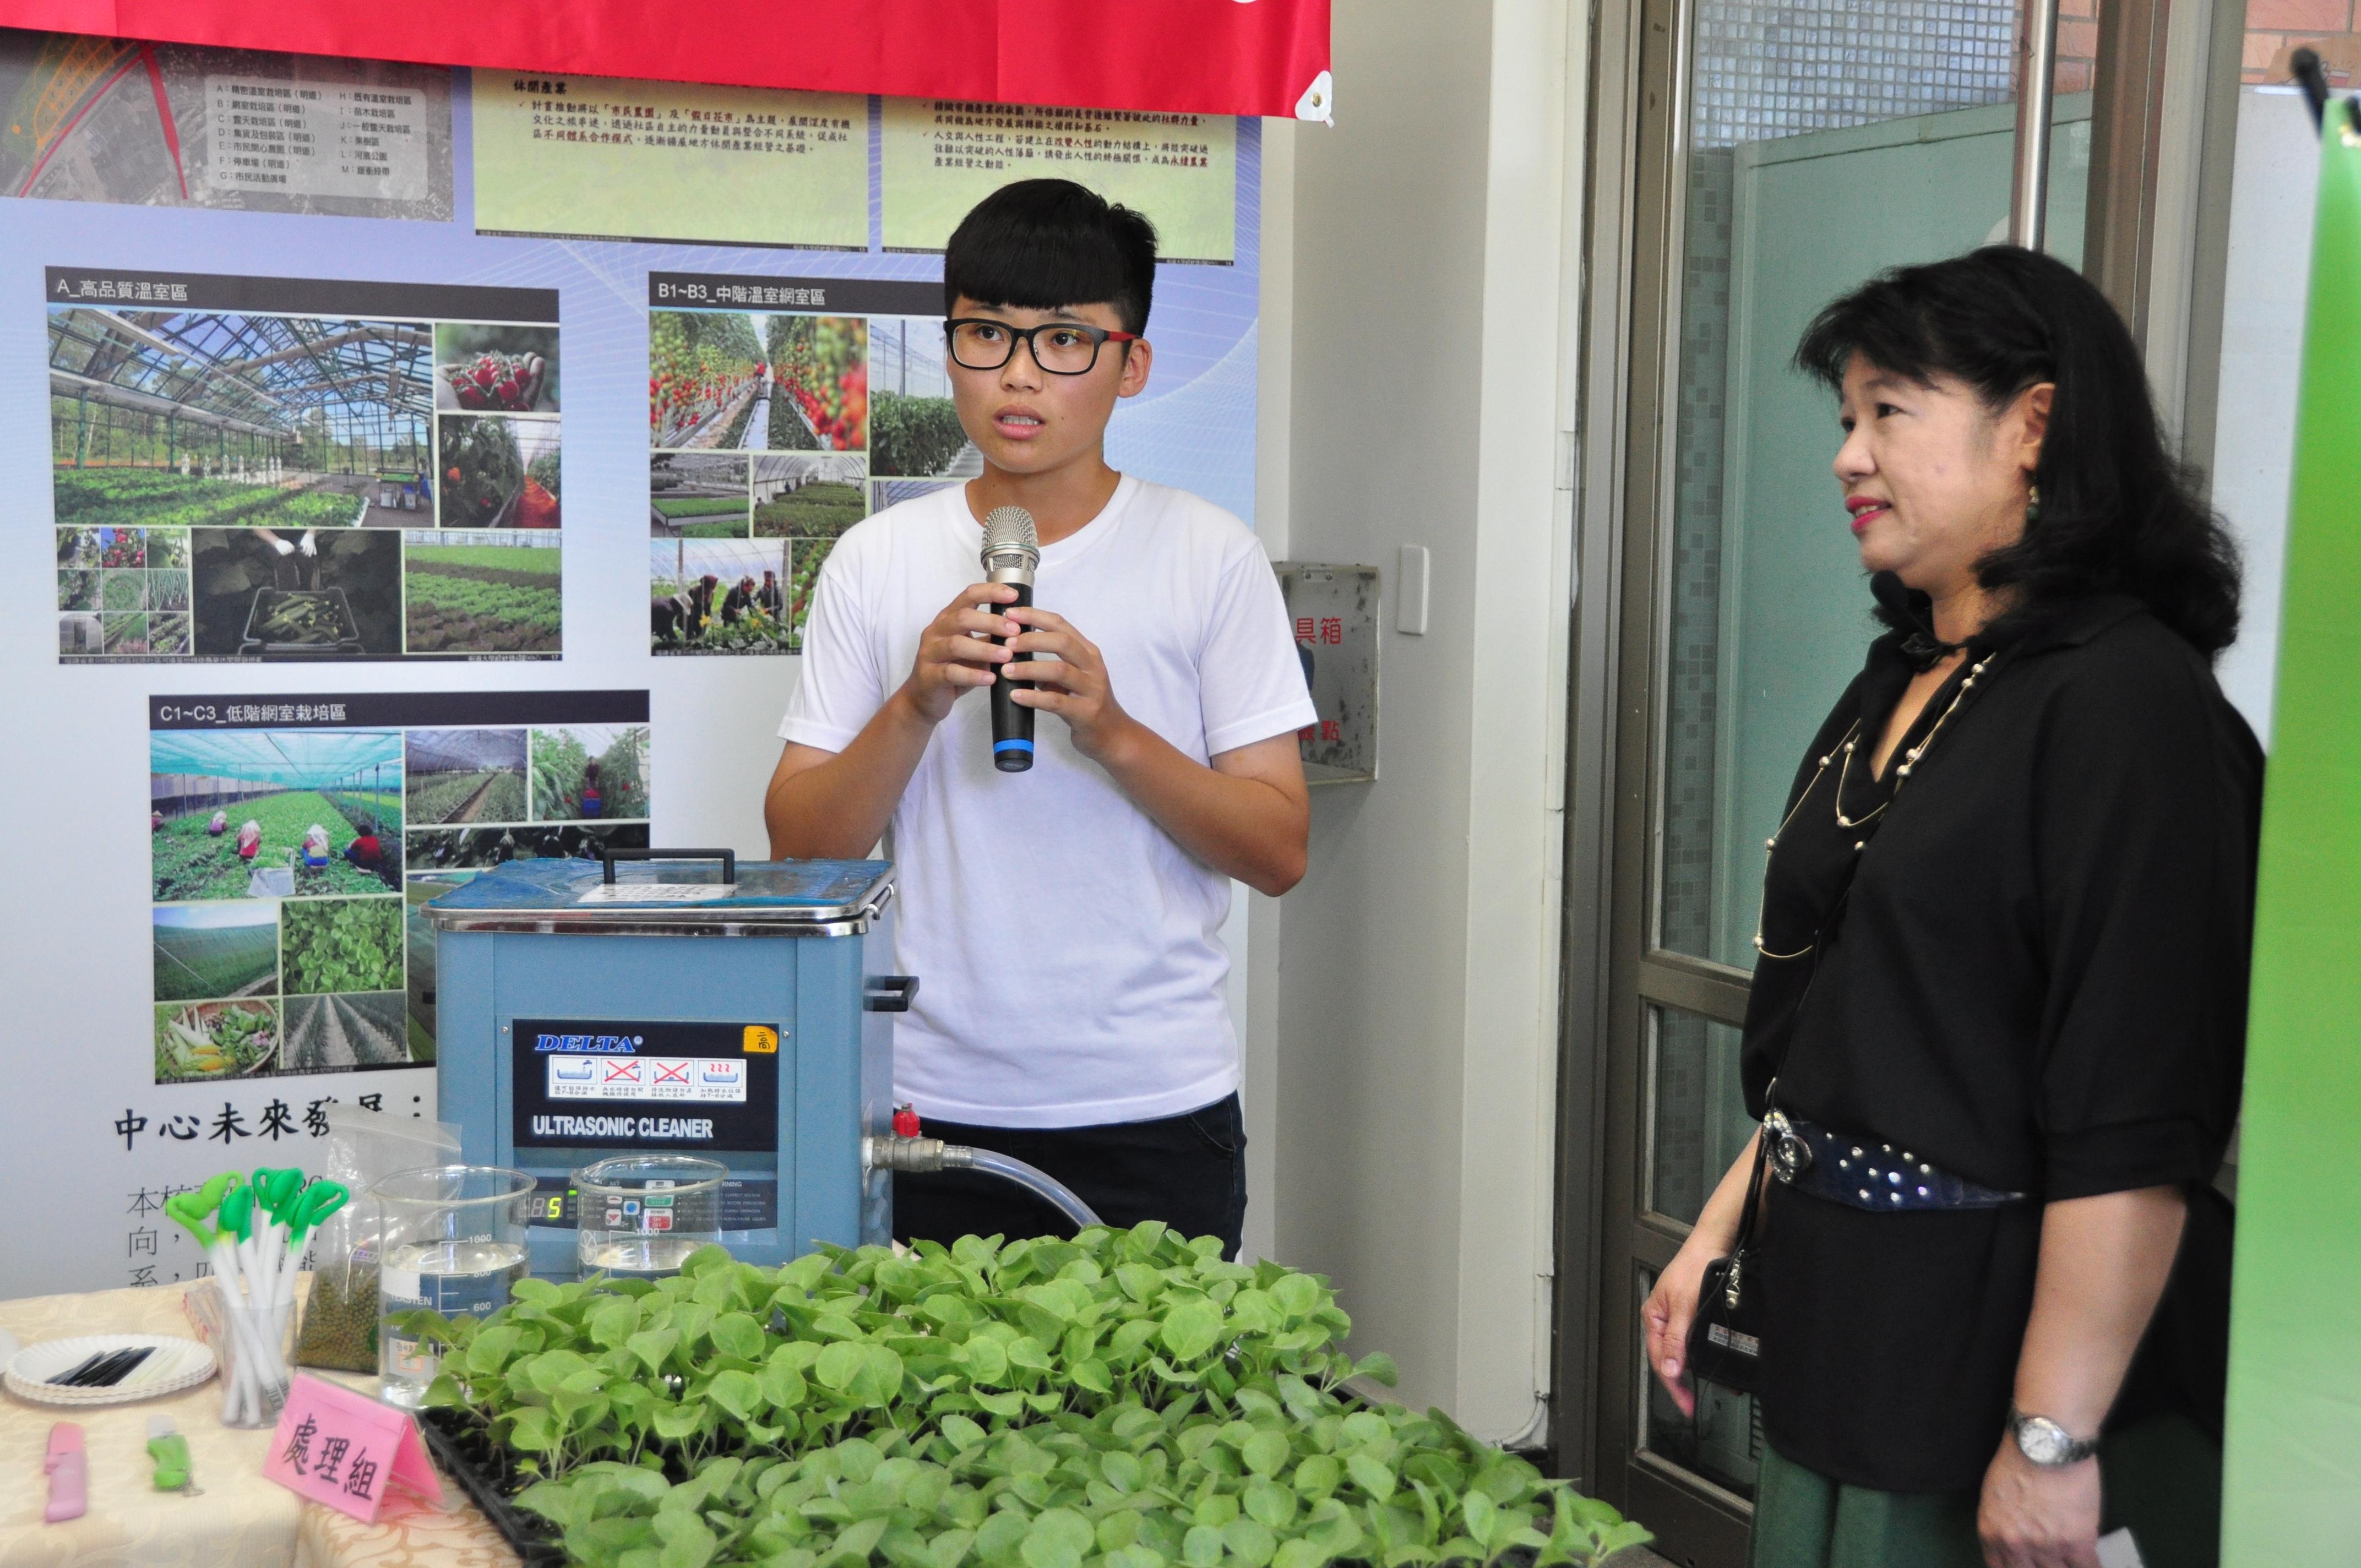 明道成功研發超音波育苗設備,豆芽菜天然無毒最健康-有機農業